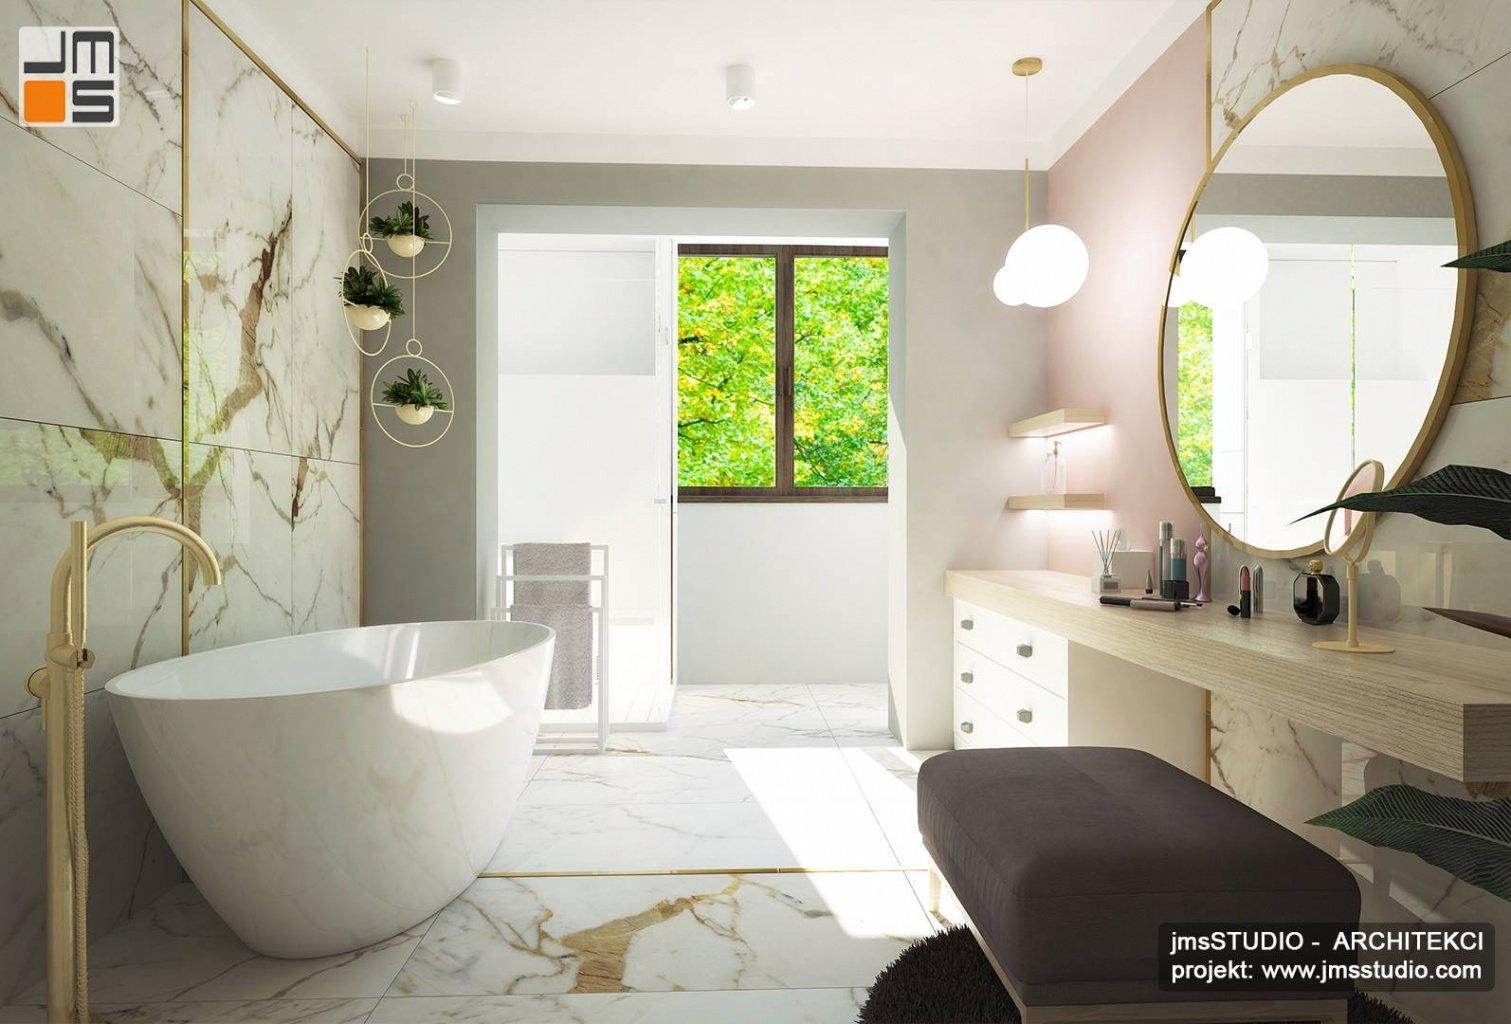 Duże lustro okrągłe wanna wolno stojąca i płytki gresowe marmur to pomysł na wnętrze łazienki Katowice